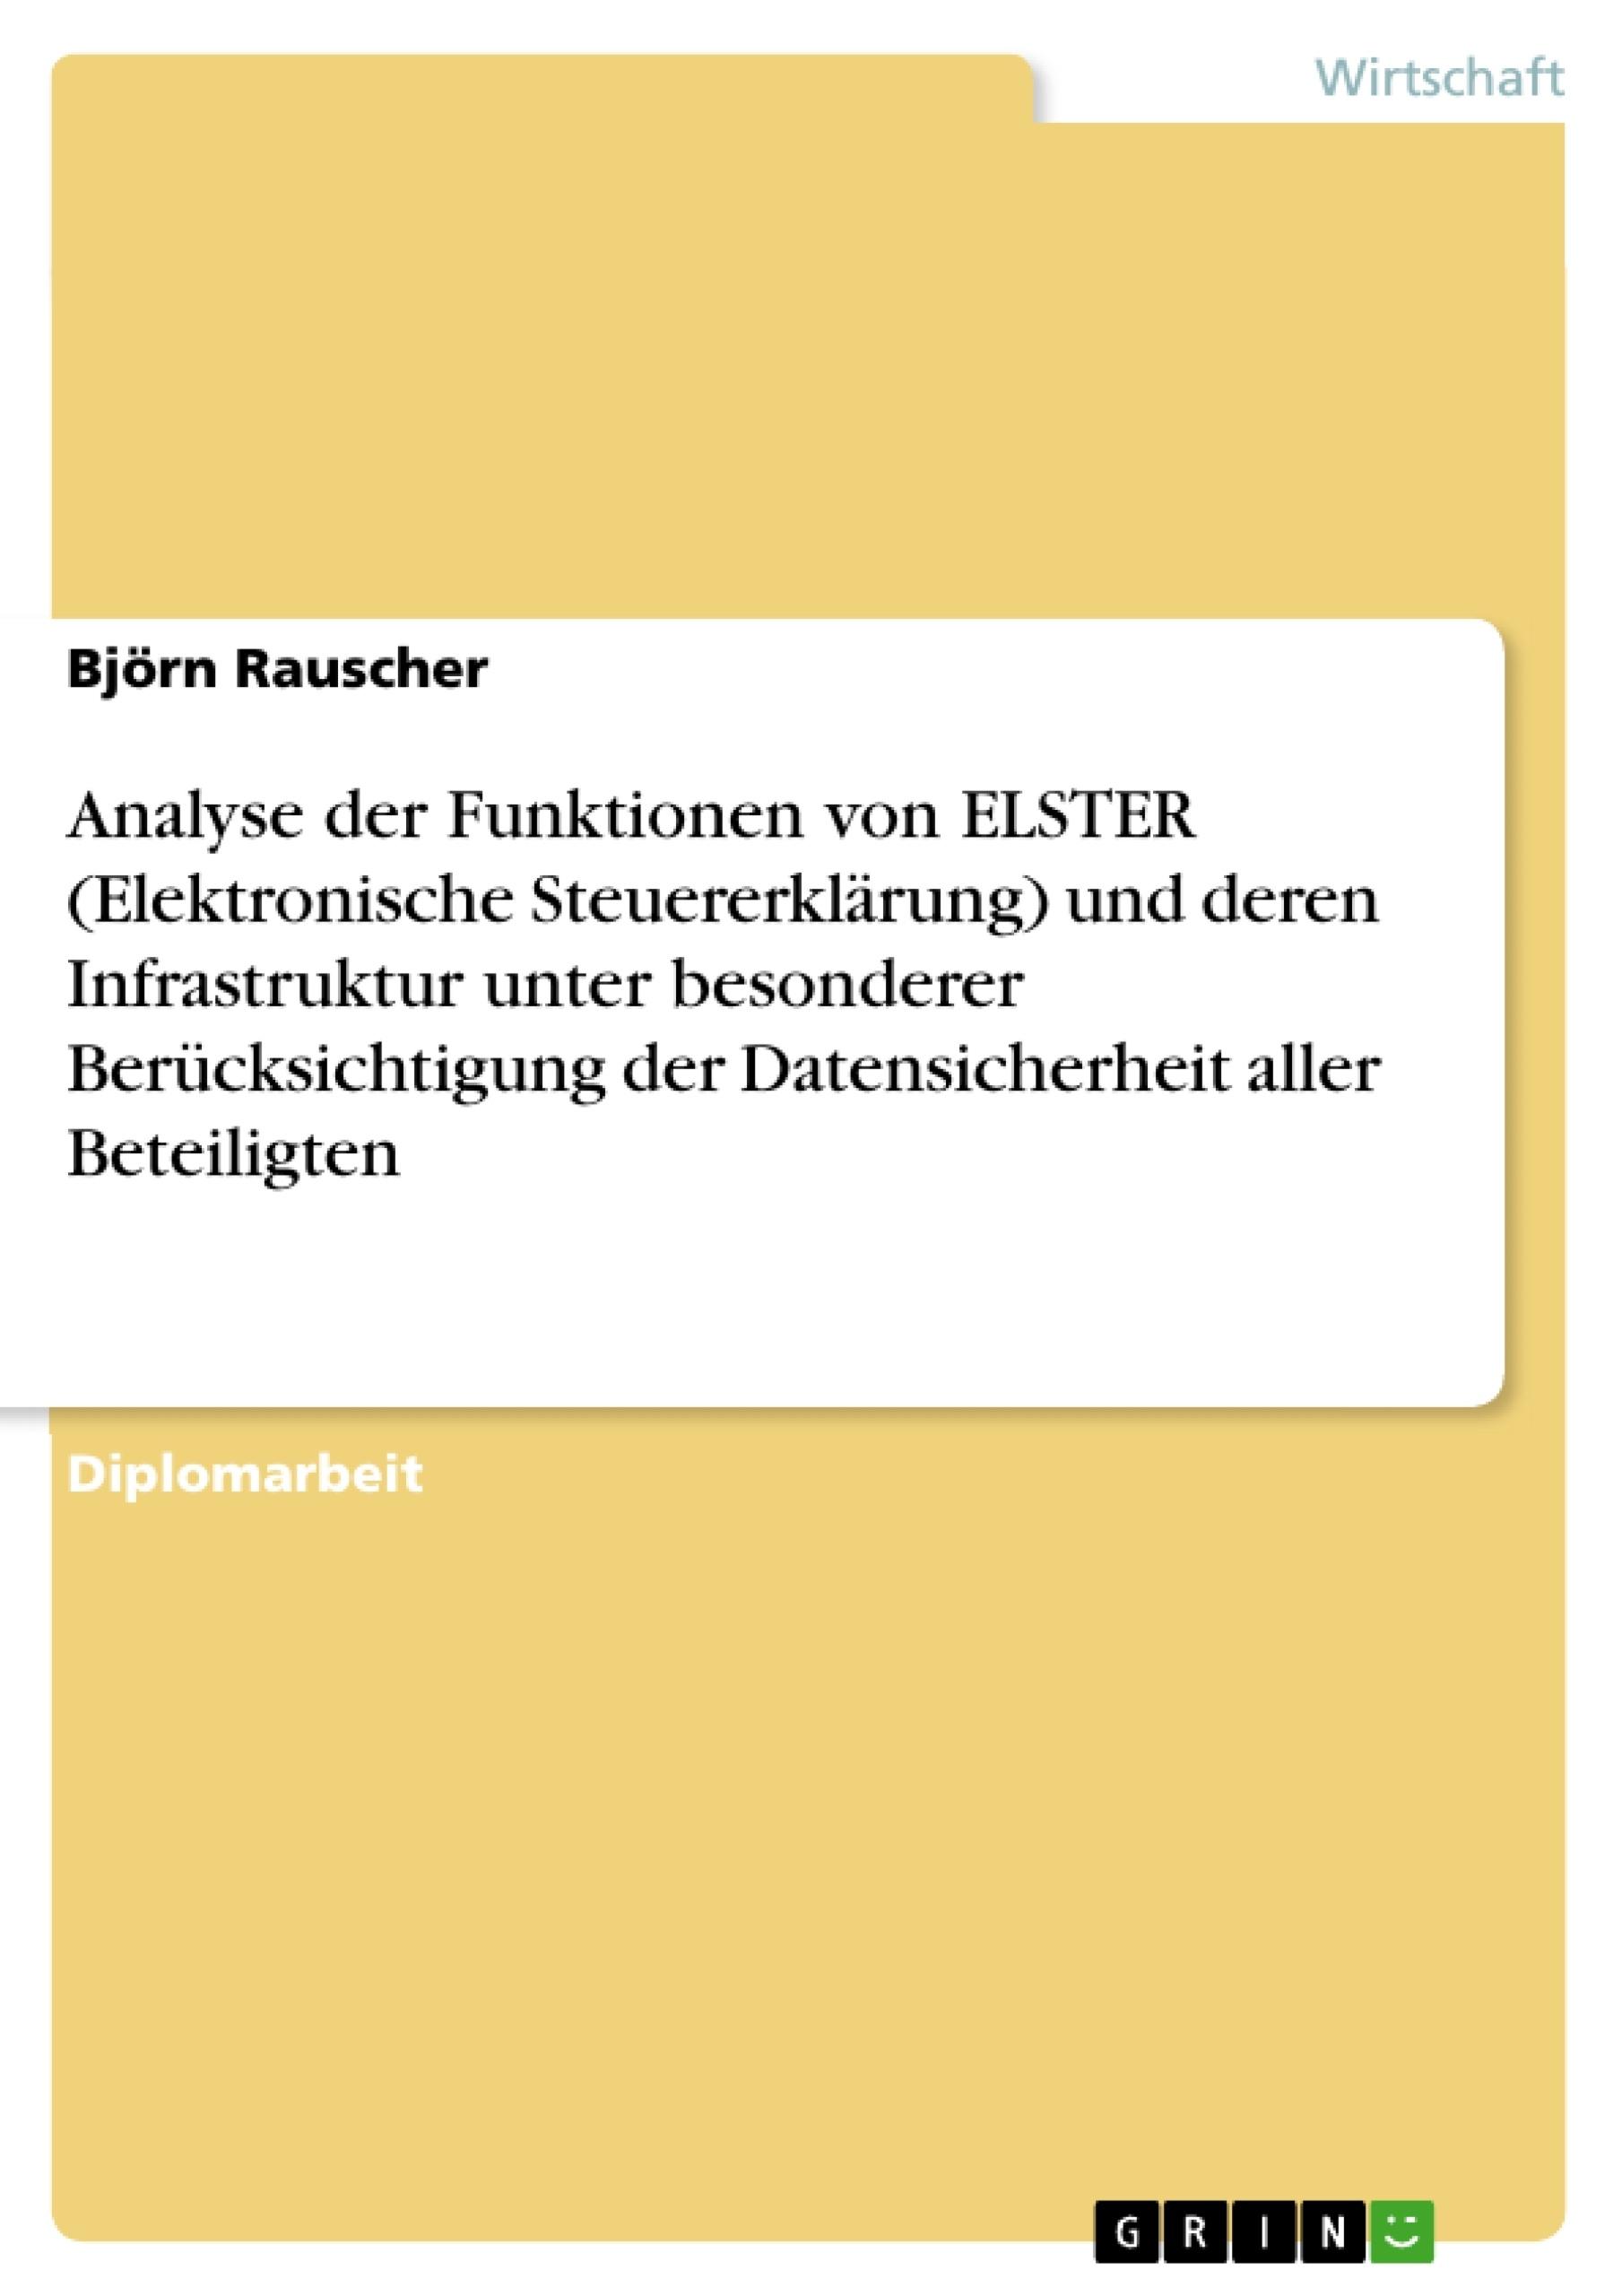 Titel: Analyse der Funktionen von ELSTER (Elektronische Steuererklärung) und deren Infrastruktur unter besonderer Berücksichtigung der Datensicherheit aller Beteiligten